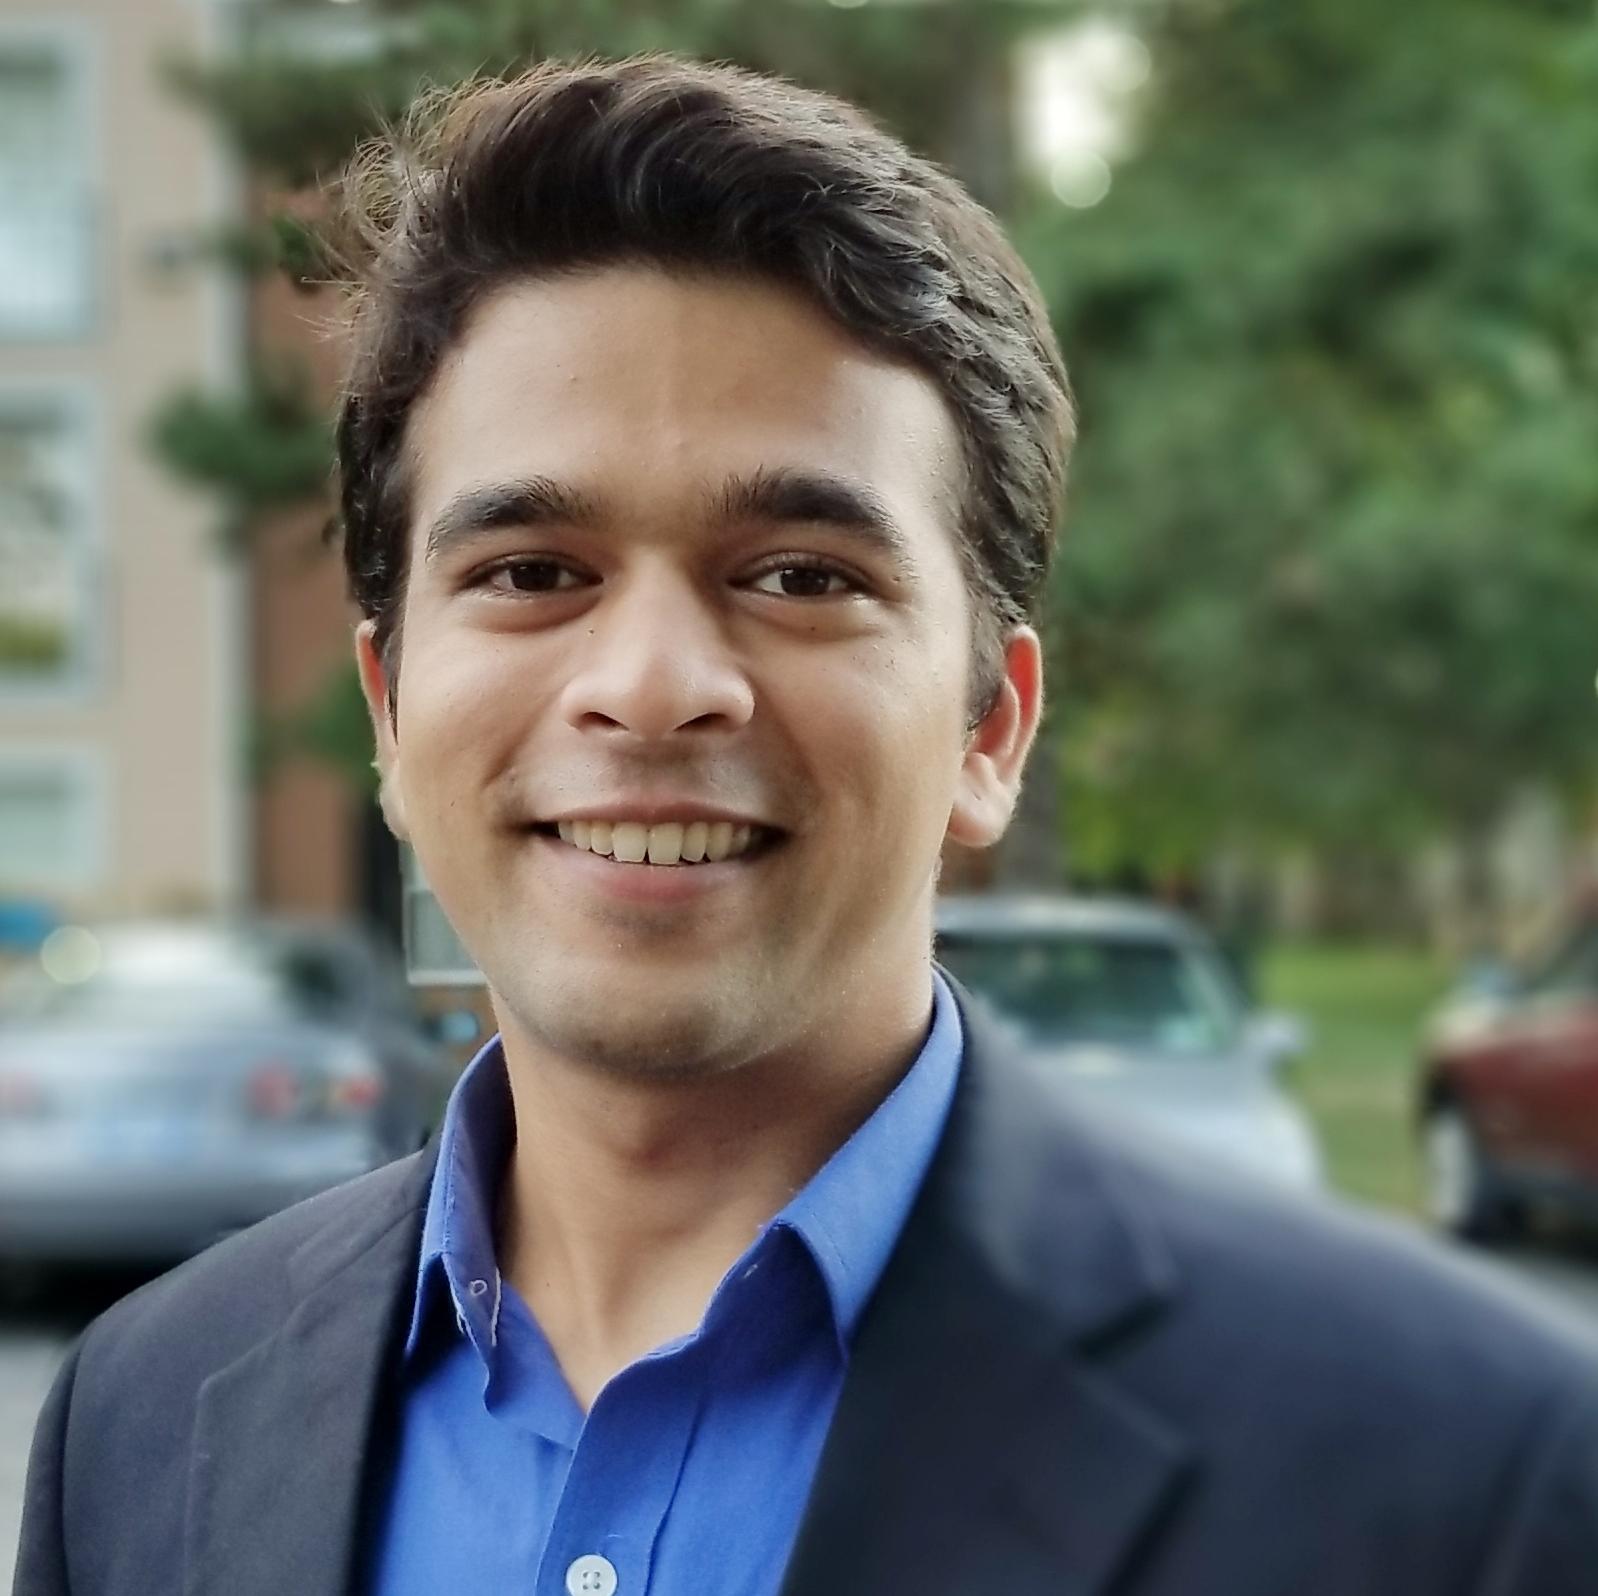 Dhairysheel Patil